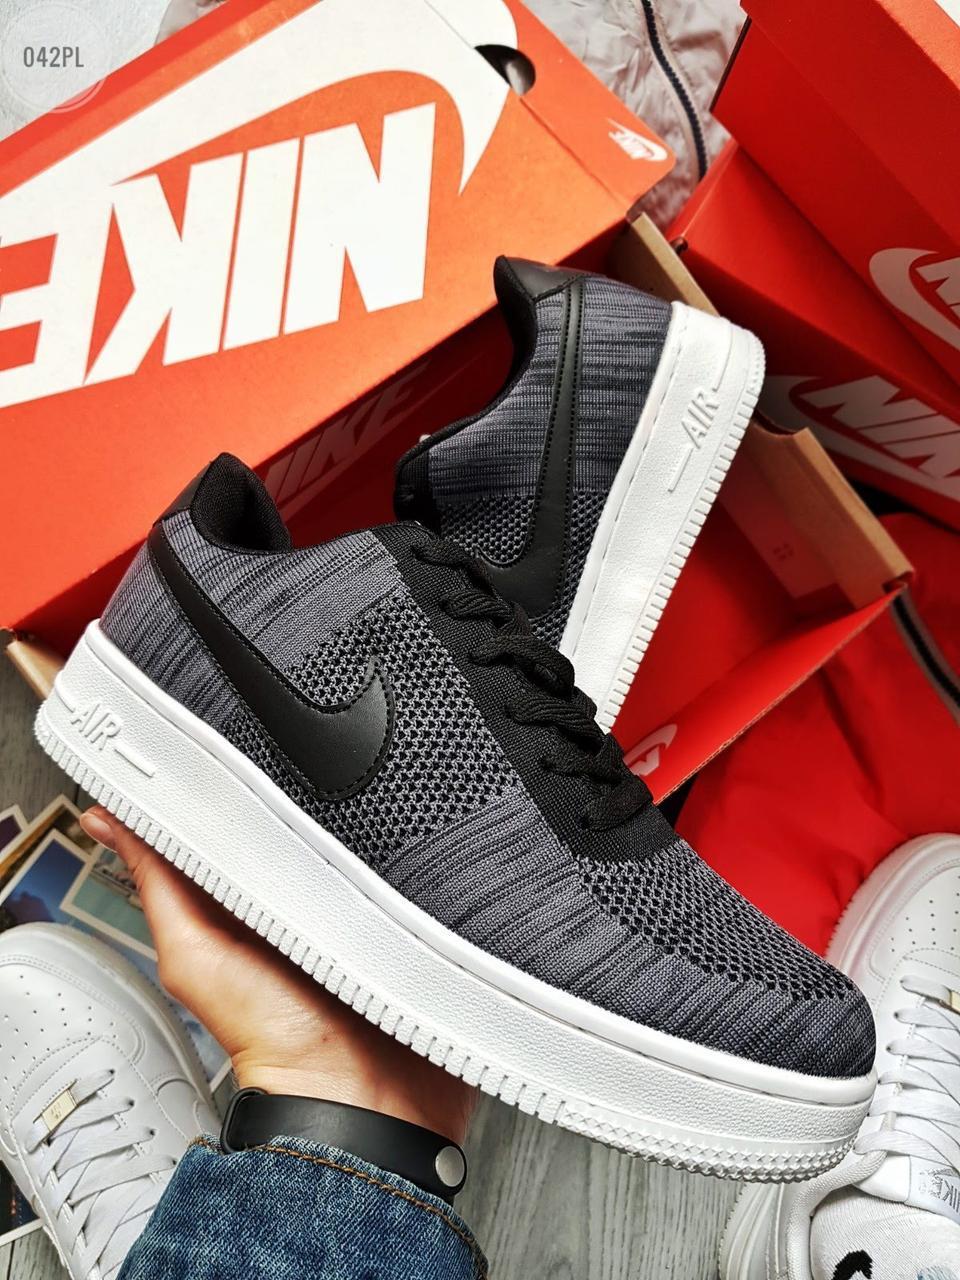 Чоловічі кросівки Nike Air Force Flyknit Low Dark Grey (р. 42, 42.5, 43) Сірі